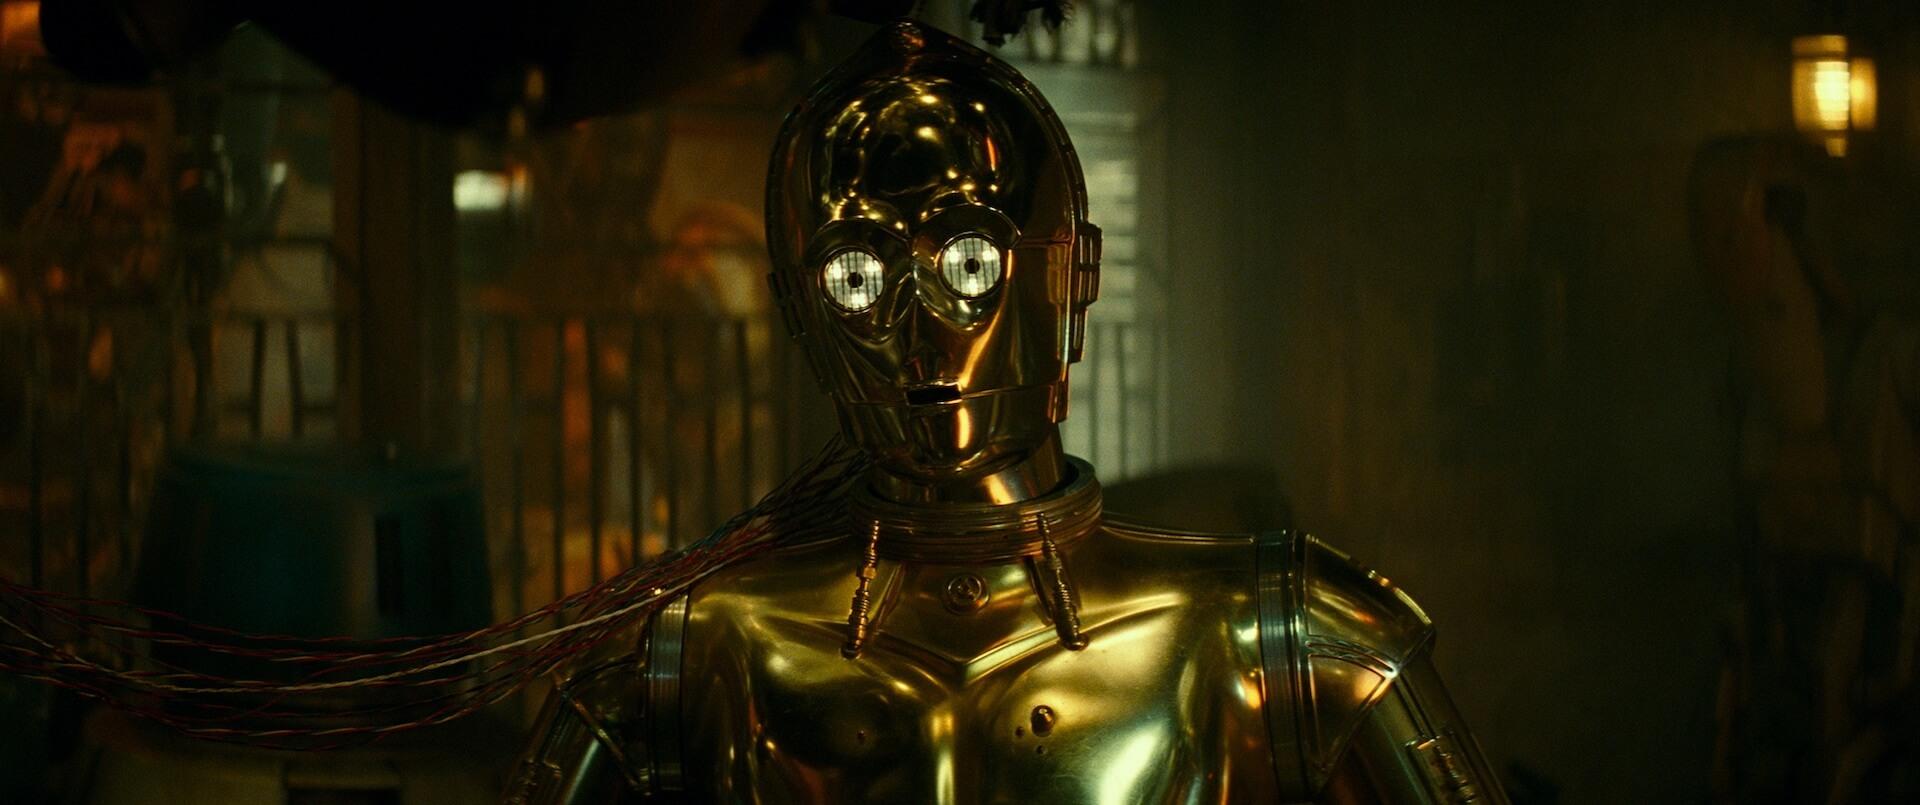 さようなら、C-3PO...『スター・ウォーズ/スカイウォーカーの夜明け』感動の吹替版本編シーンが解禁 film200129_starwars_2